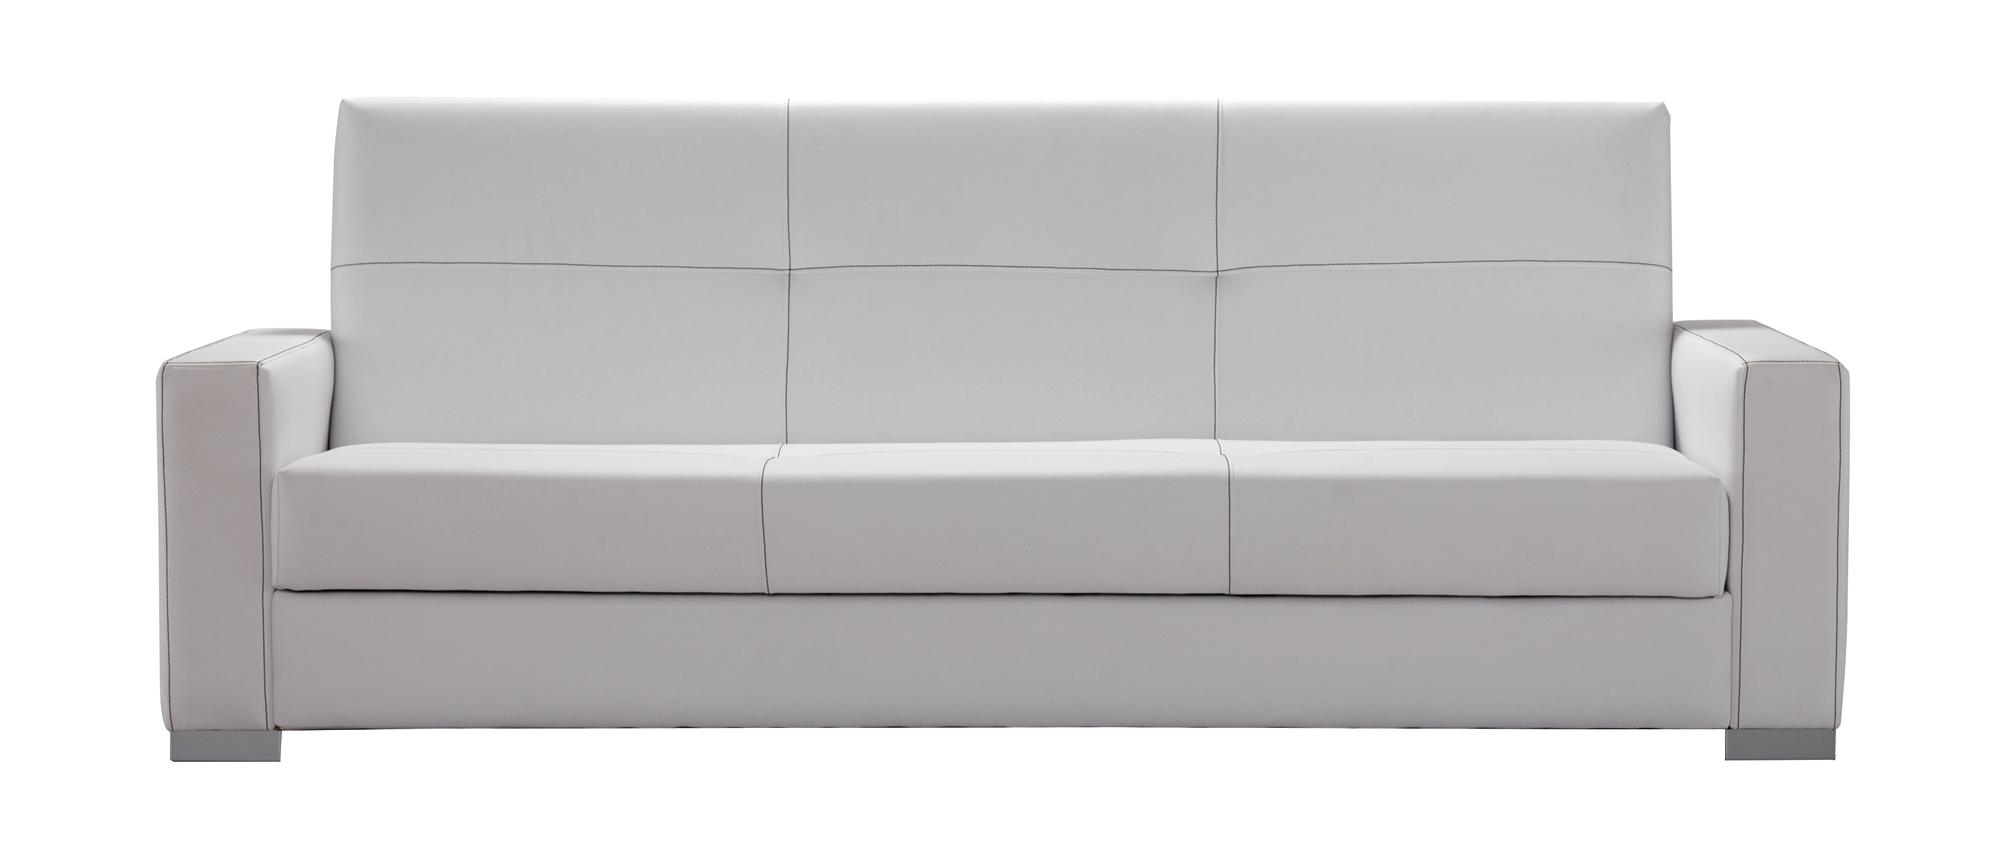 Sof cama moderno urban for Sofa cama modernos